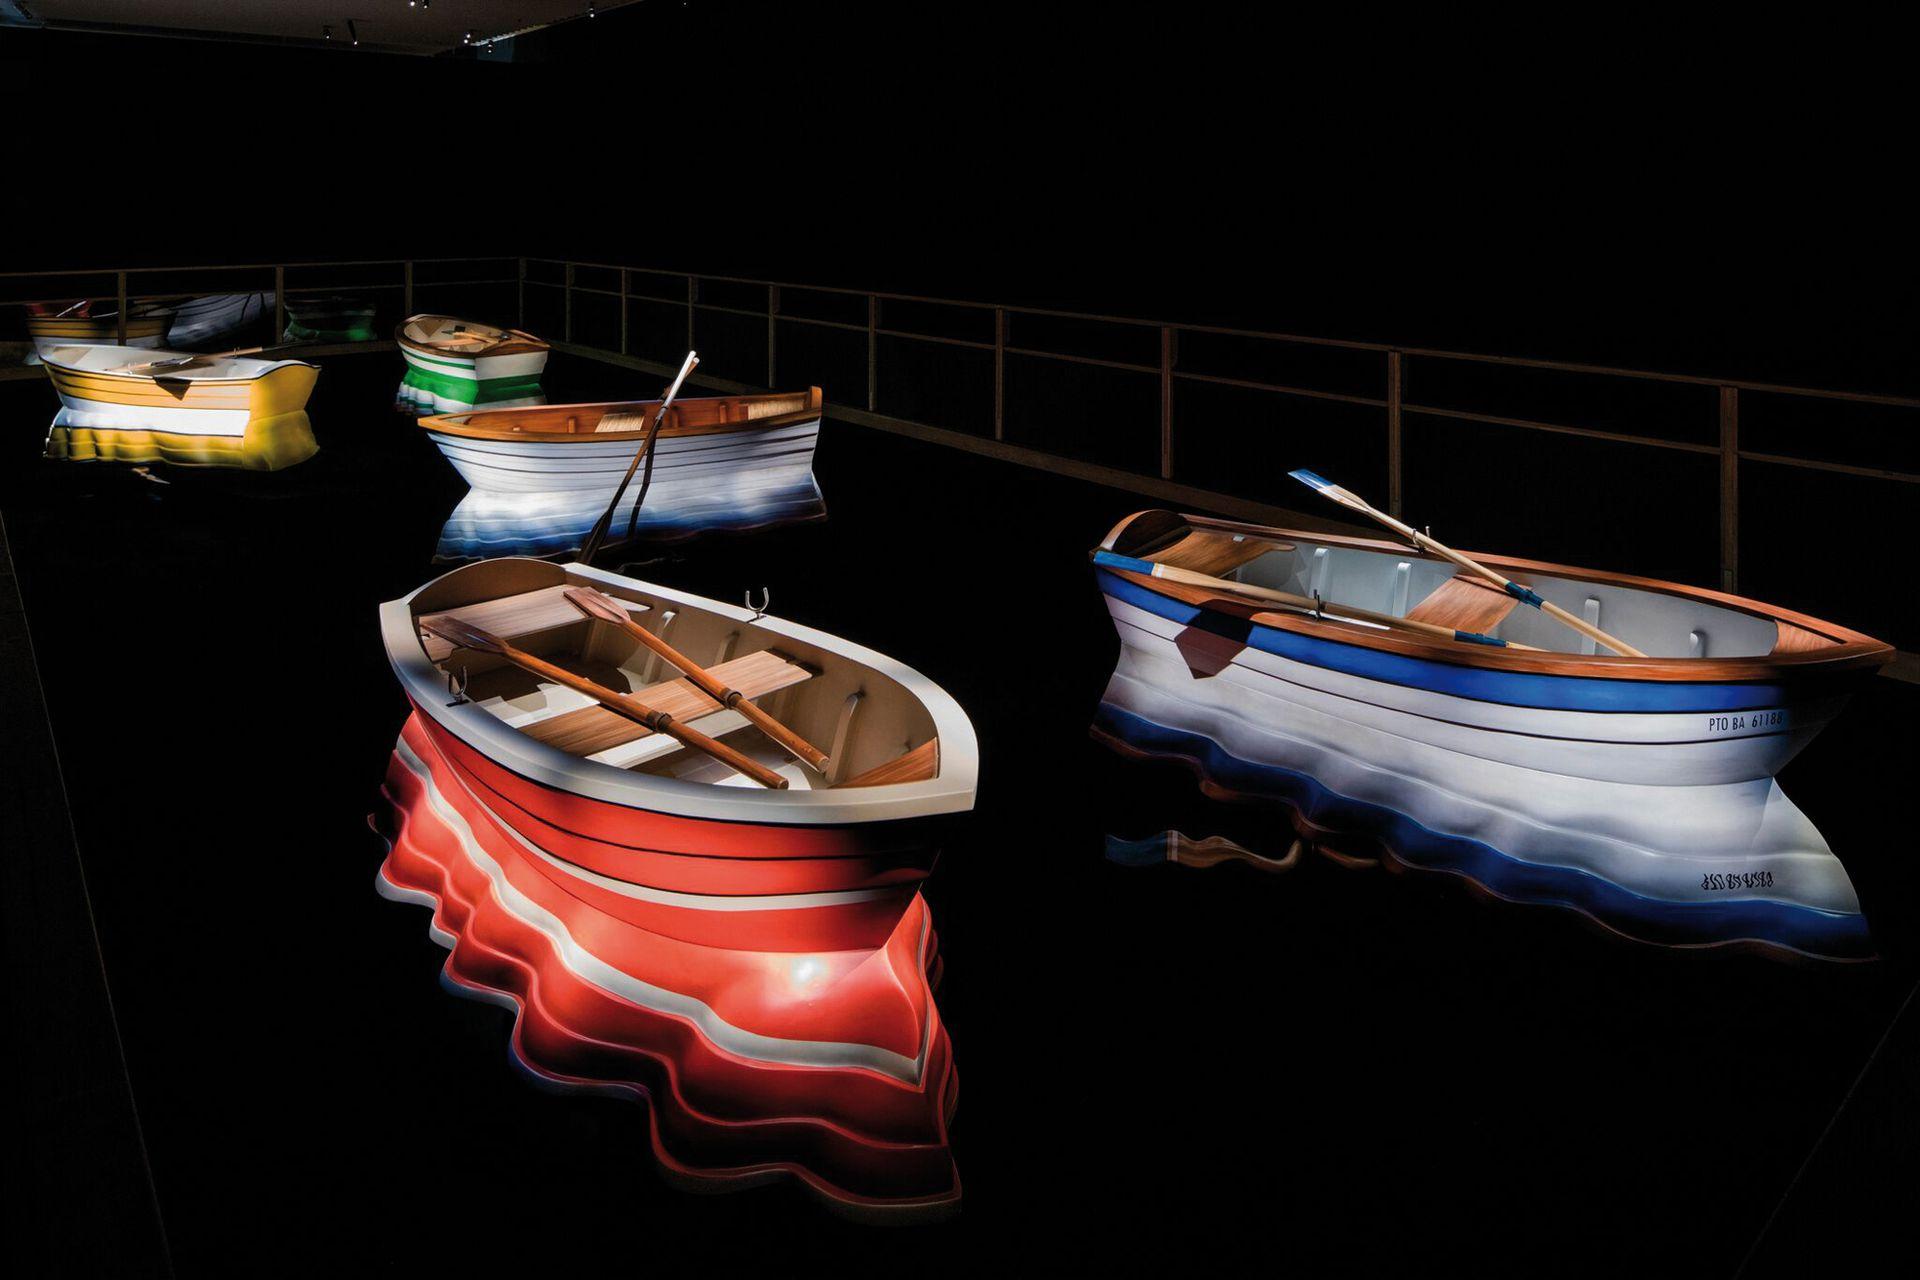 Detalle de la obra Puerto de memorias (2014), que se exhibirá en el Malba tras haberse presentado en el Hotel de Inmigrantes